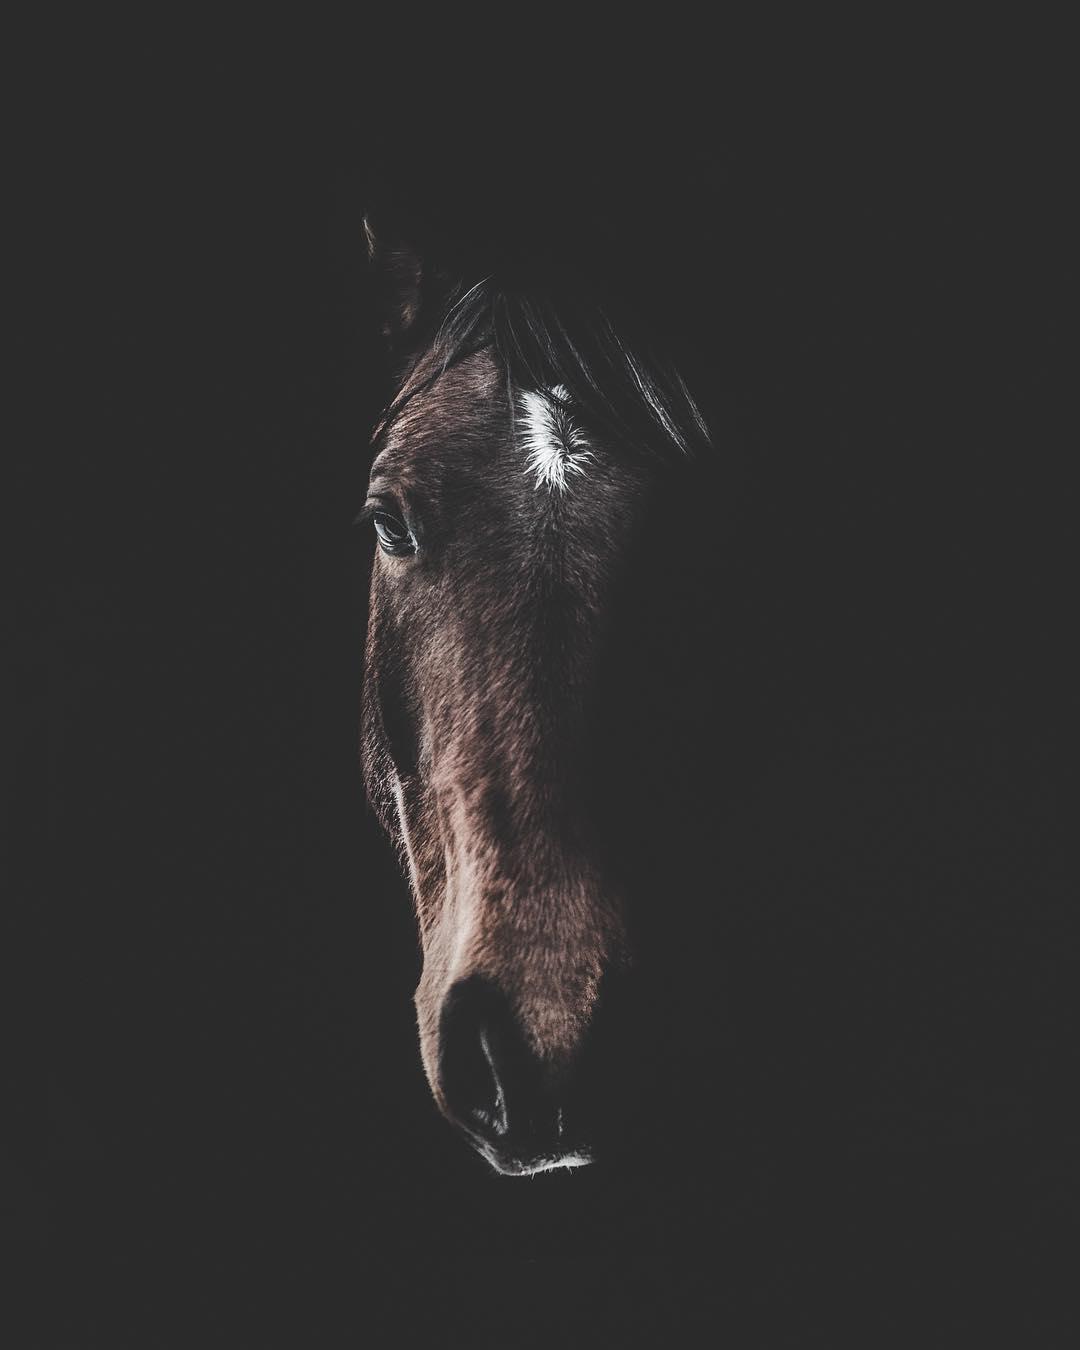 Потрясающие портреты животных от Дугласа Фира